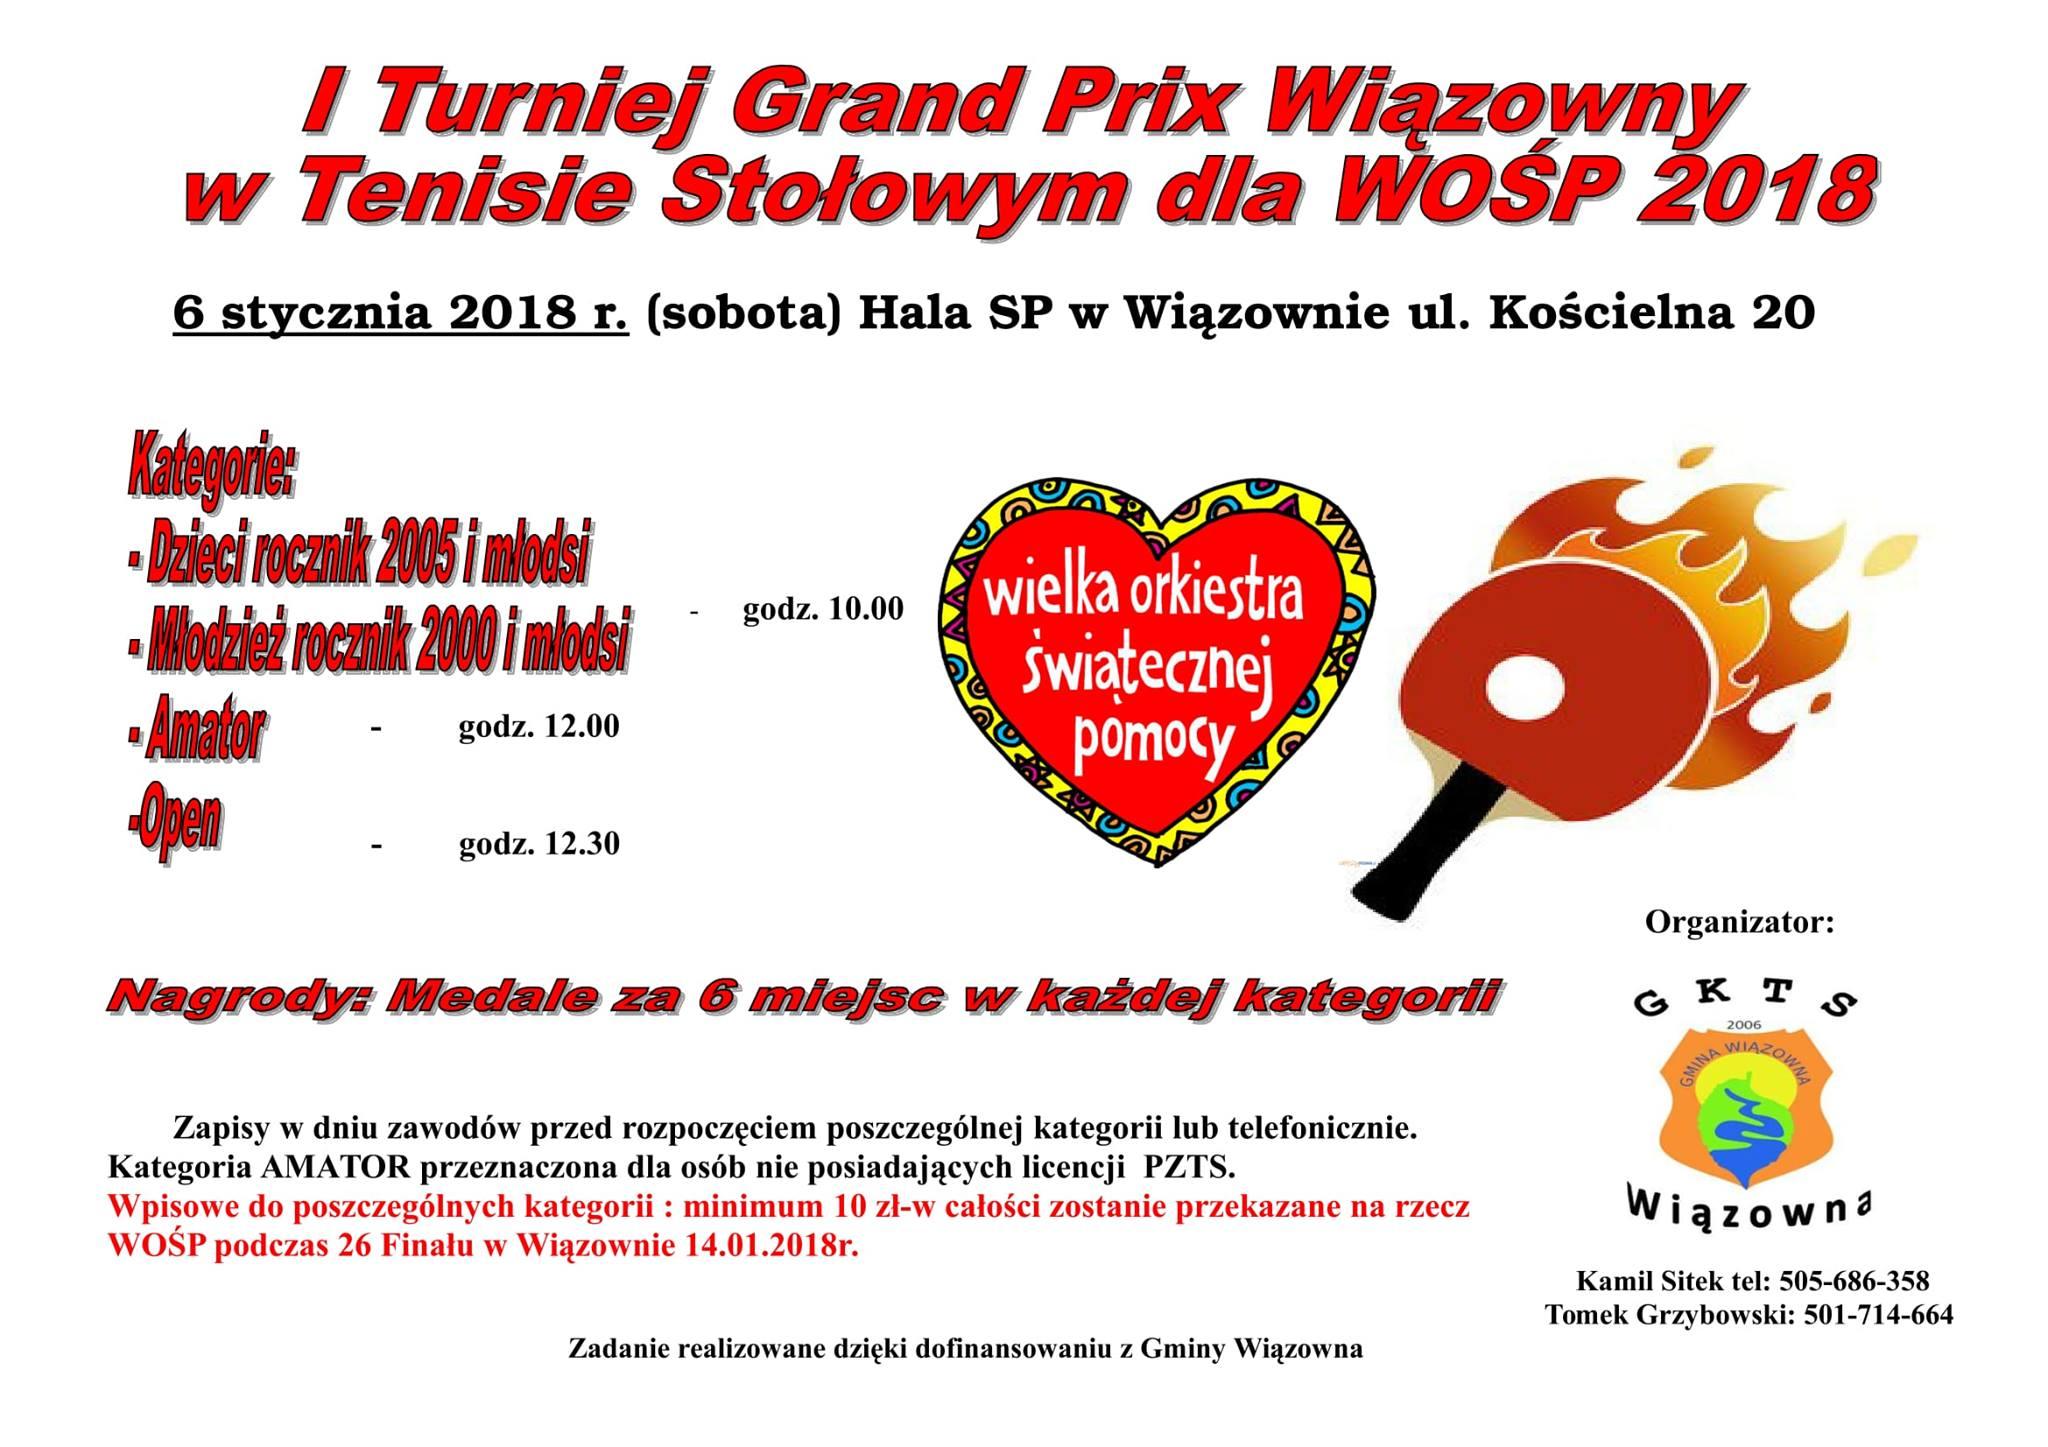 Plakat turnieju I Turniej Grand Prix Wiązowny w Tenisie Stołowym 2018